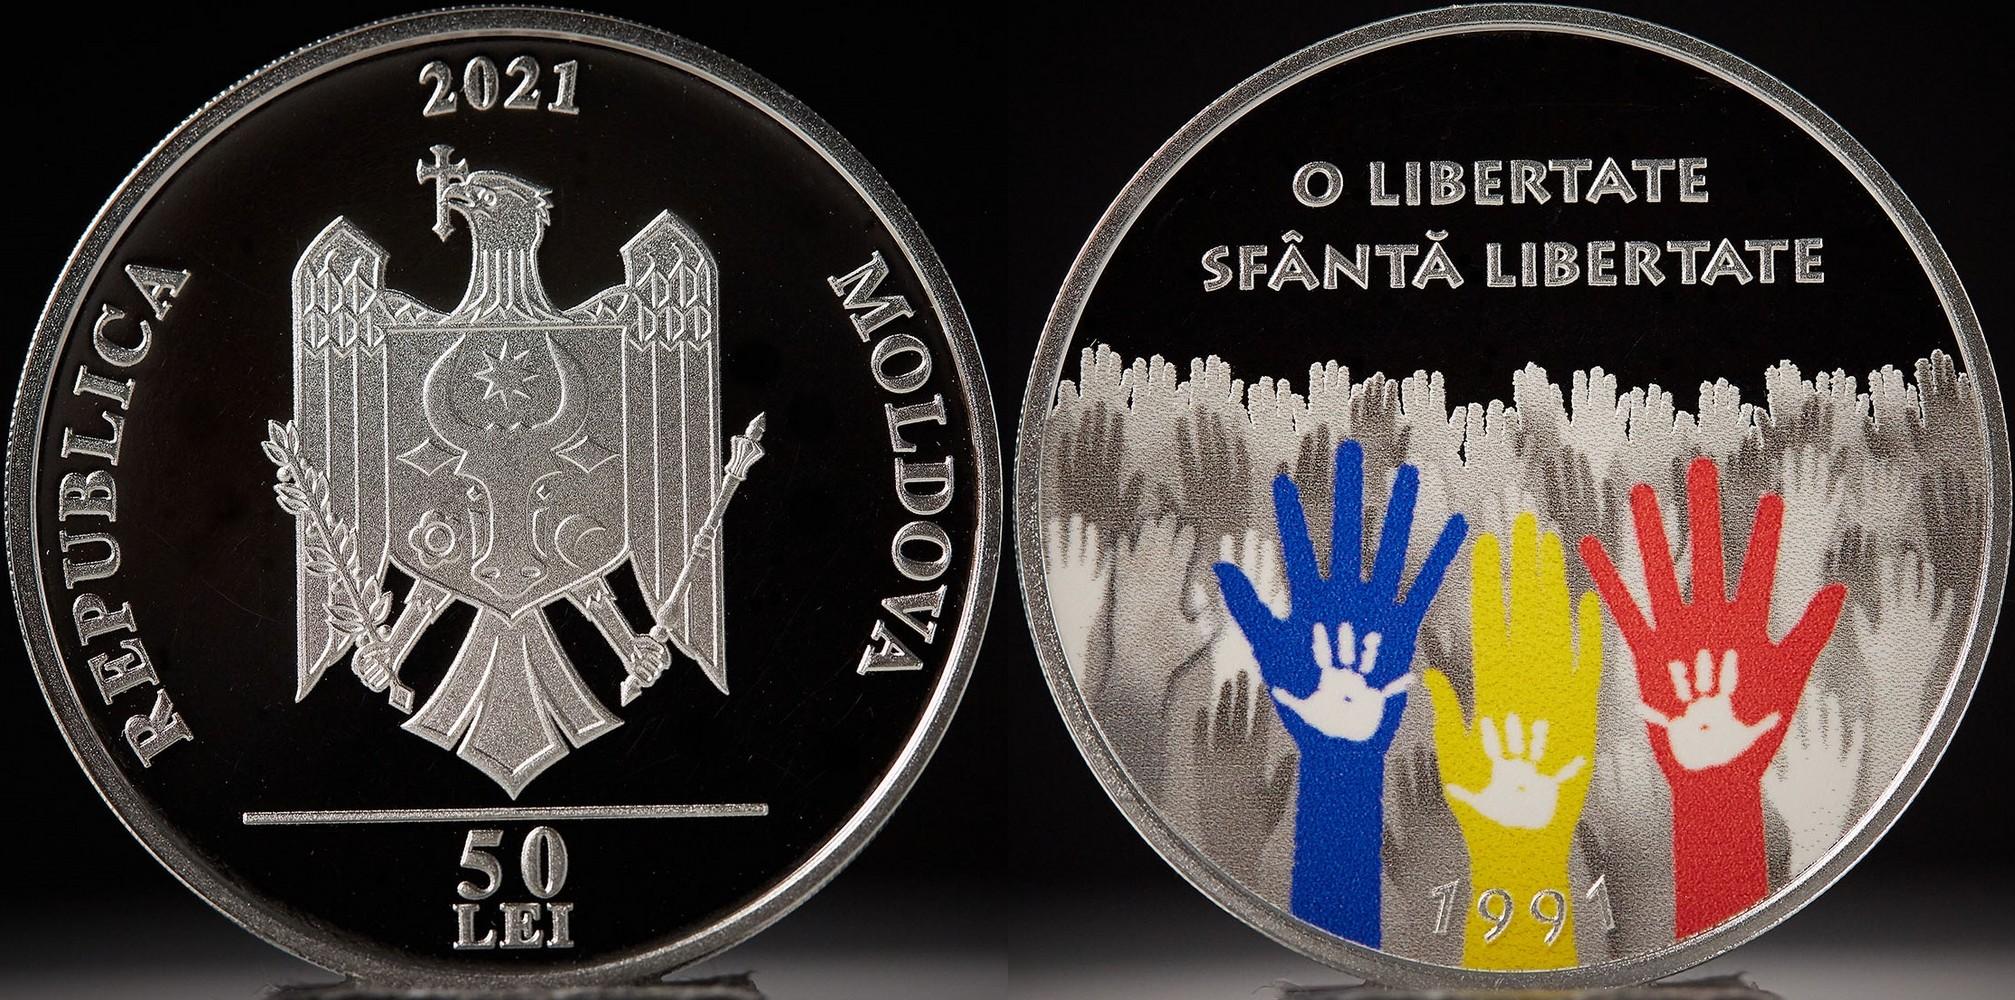 moldavie-2021-30-ans-de-lindependance-liberte